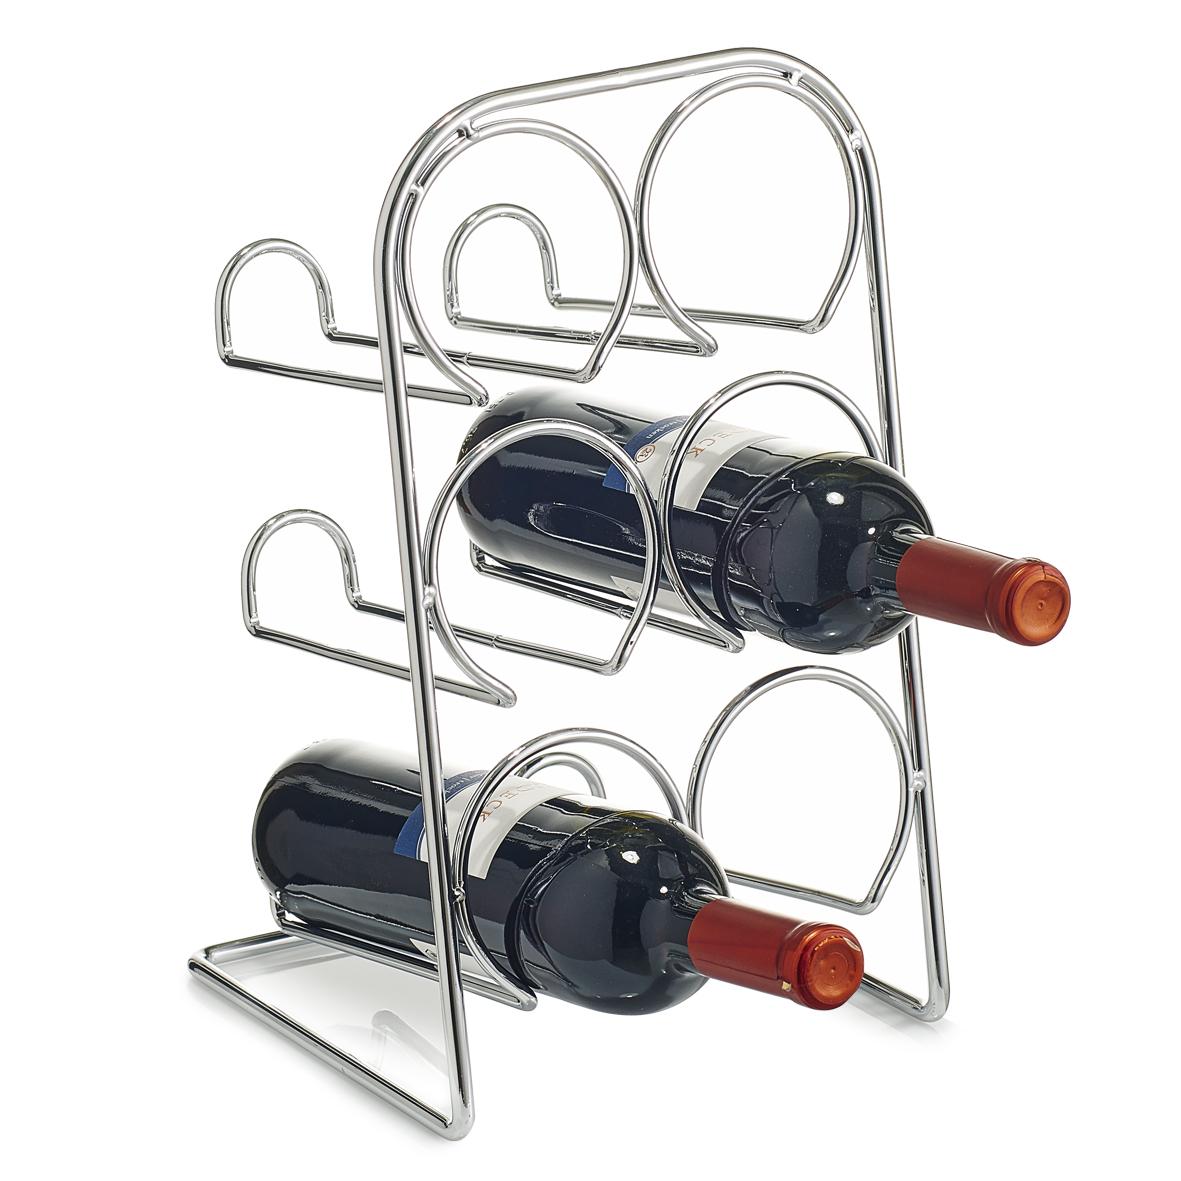 Stojan na víno pro 6 láhví kovový, Zeller